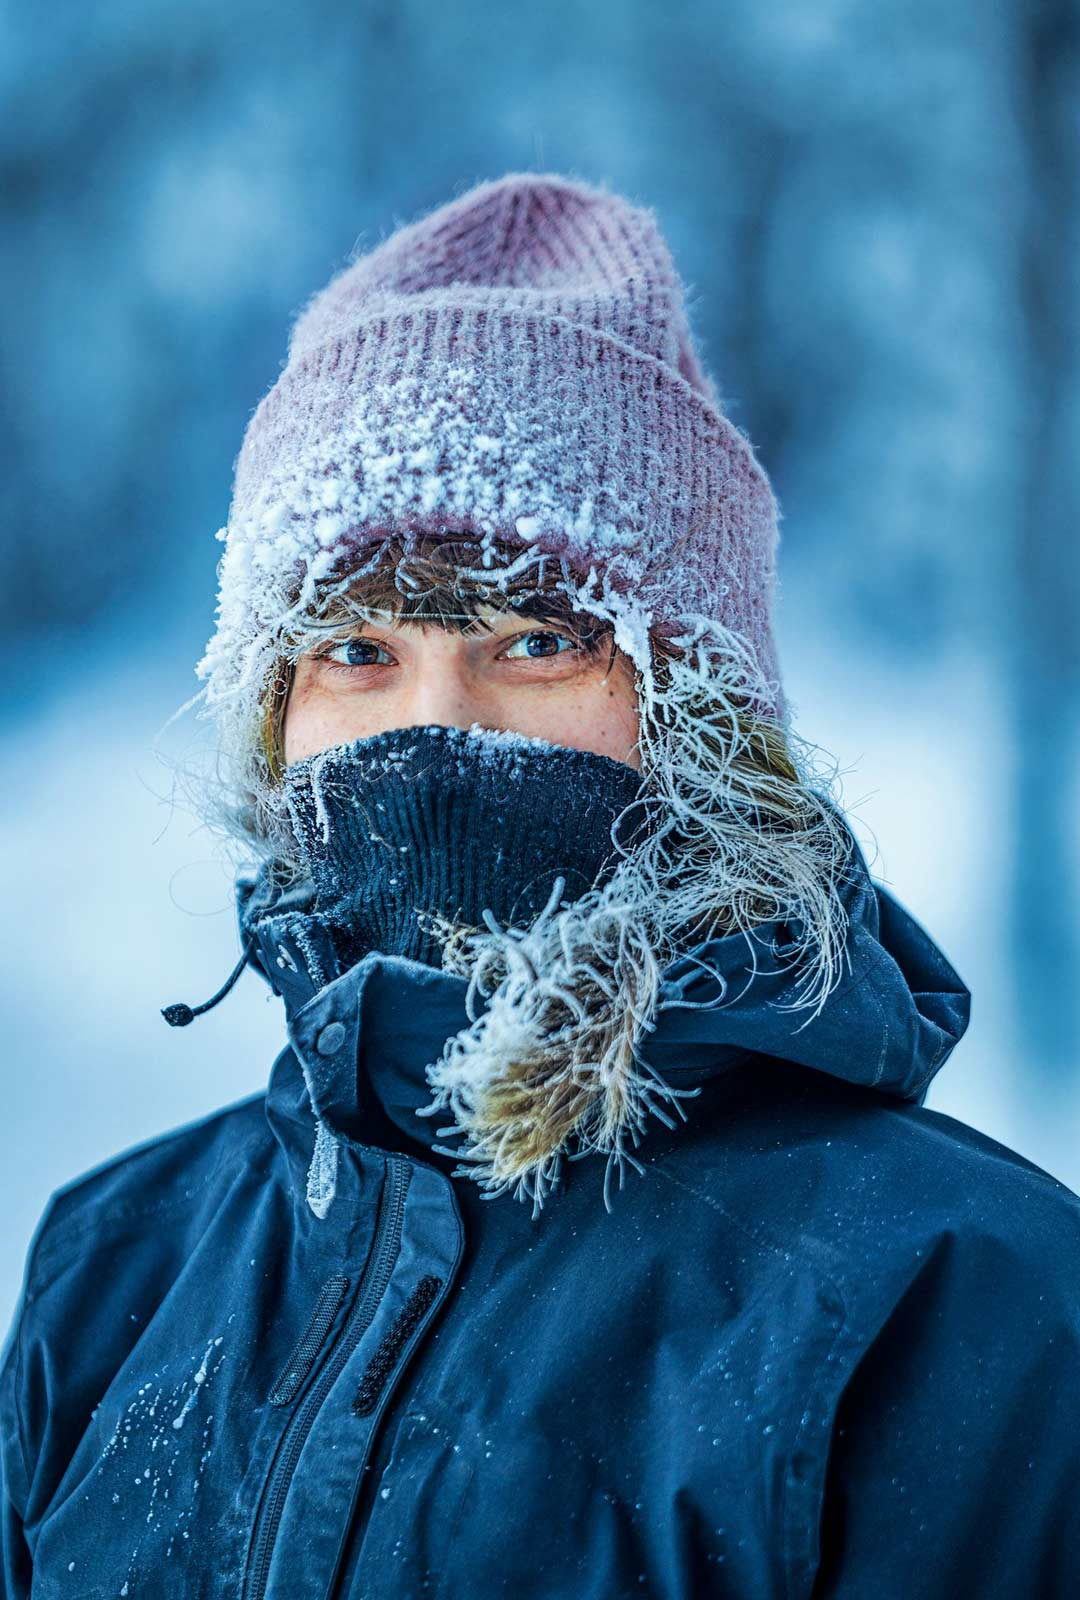 """Aino Huilaja muutti Lapista pois 19-vuotiaana. Nyt hän näkee tykkylumipuutkin uusin silmin. """"En ole koskaan ollut kesämökki-ihminen, tämä talvikämppäily sopii minulle paremmin, vaikka 33 asteen pakkasessa ei ole aina niin helppoa."""""""